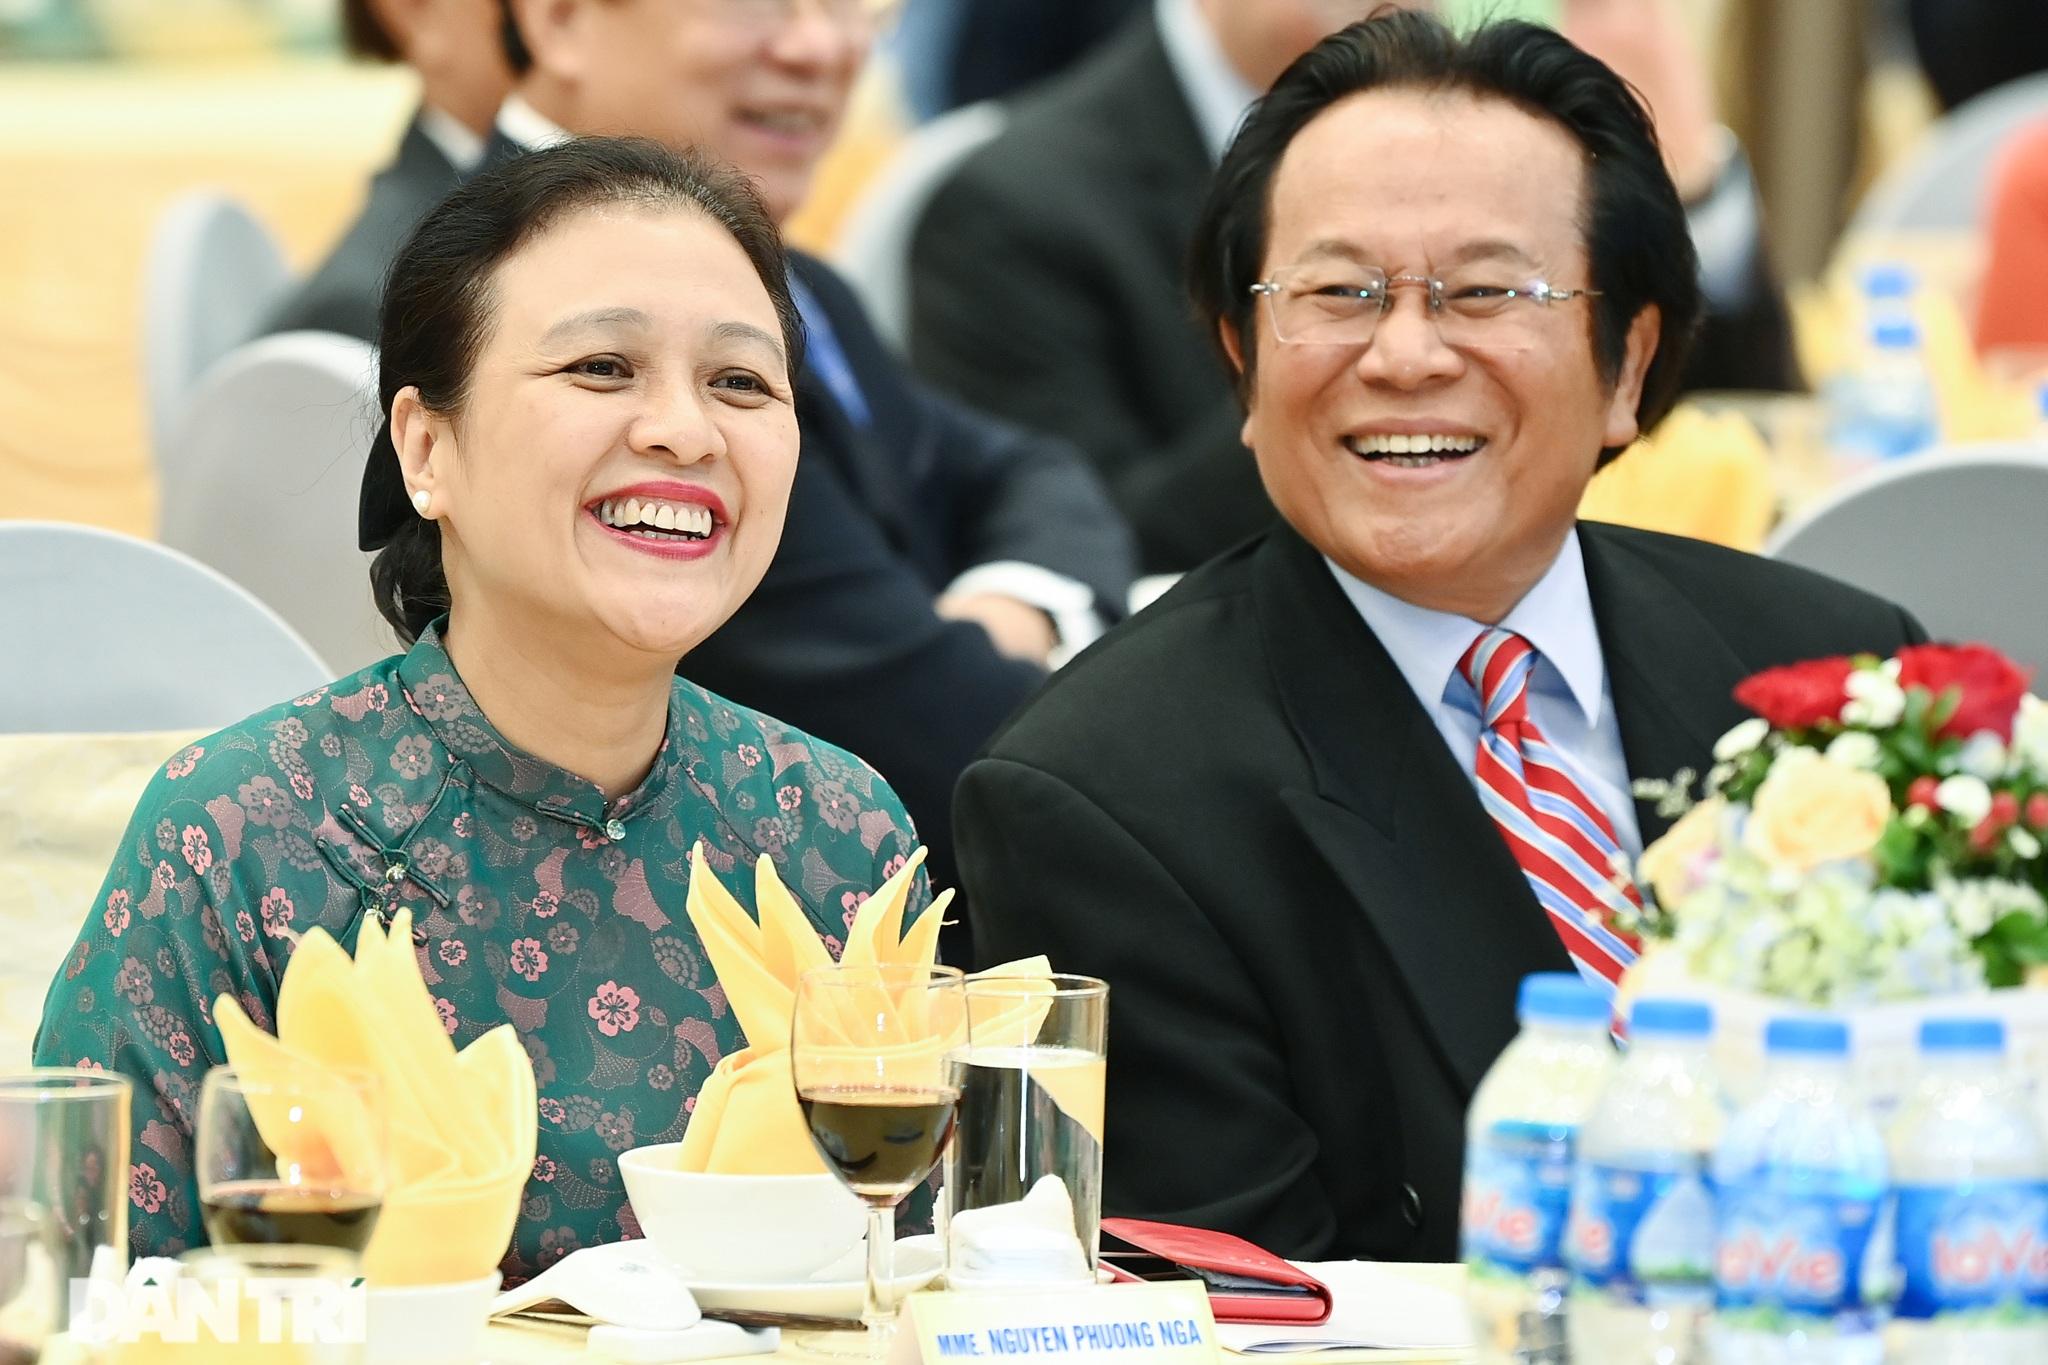 Cuộc gặp của những người xây nền móng cho 25 năm quan hệ Việt Nam - Hoa Kỳ - 6